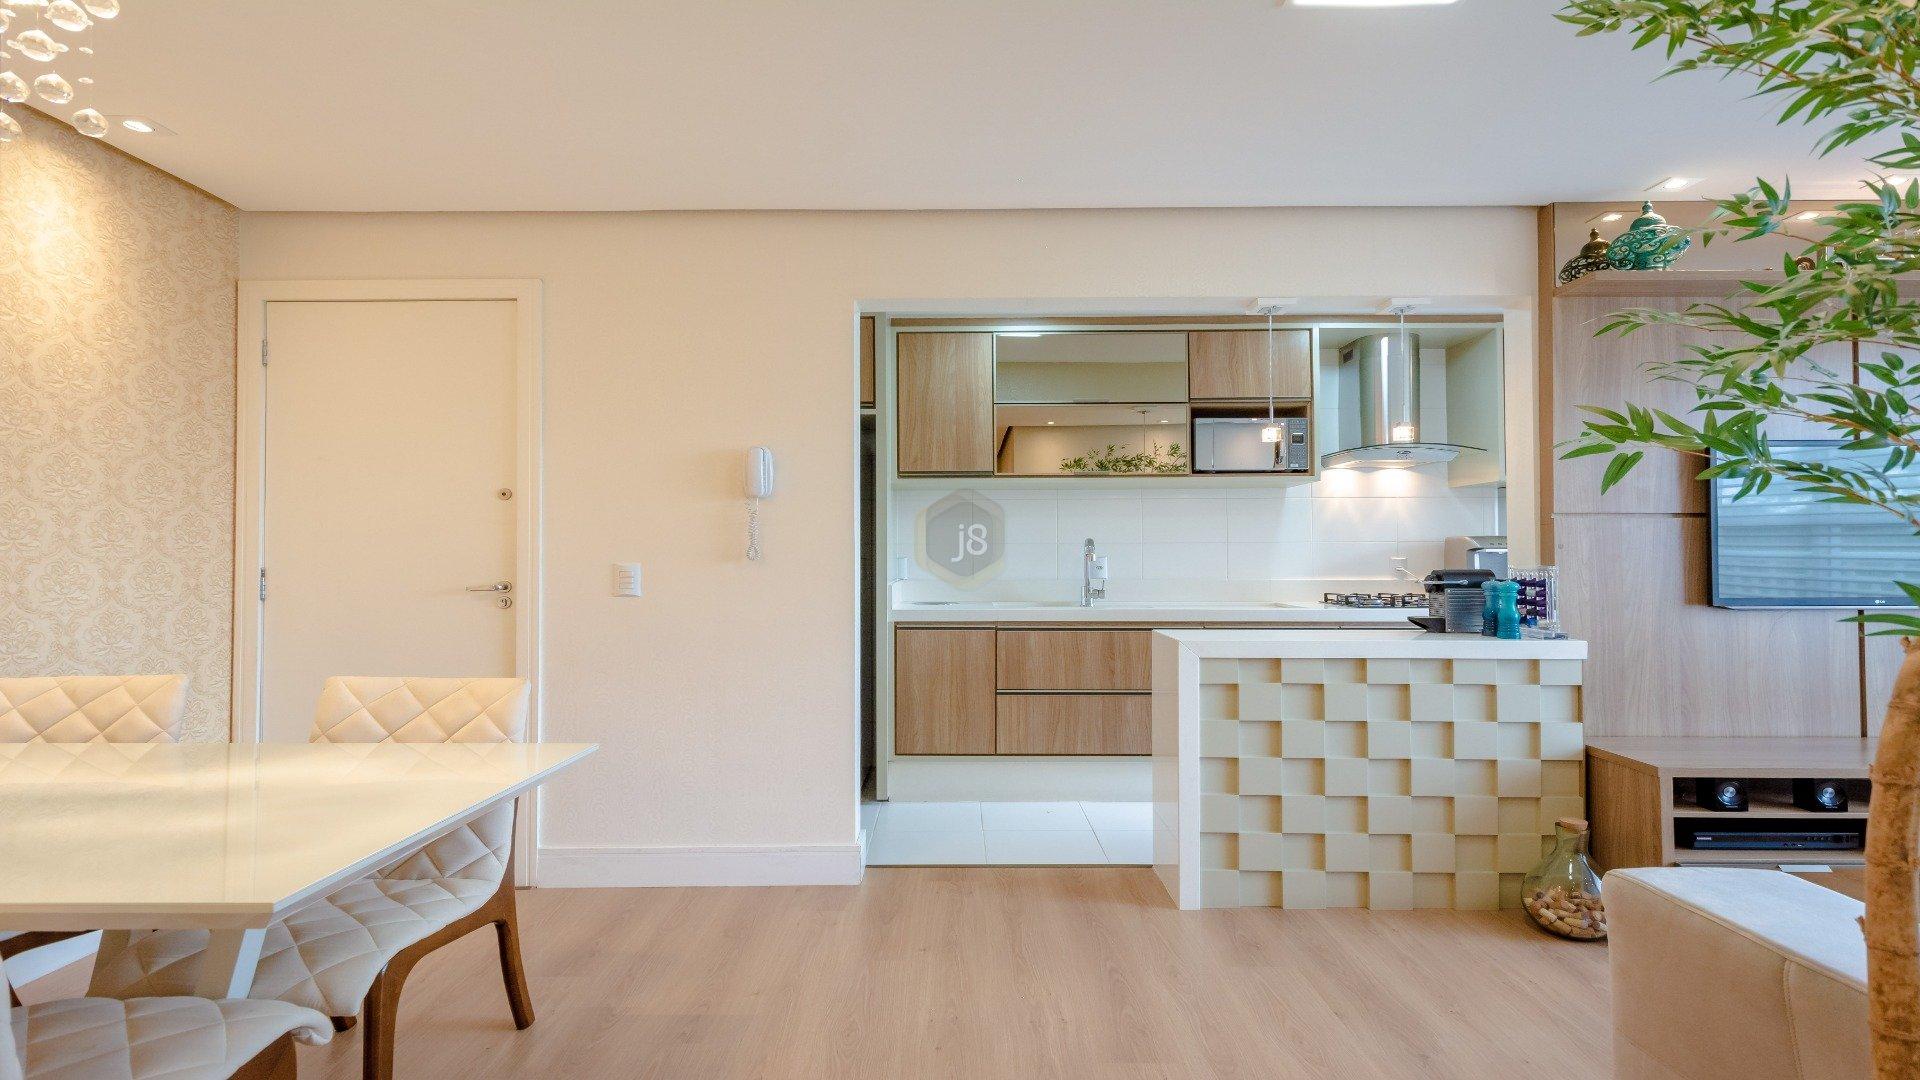 Foto de destaque Apartamento impecável e pronto para morar no campo comprido!